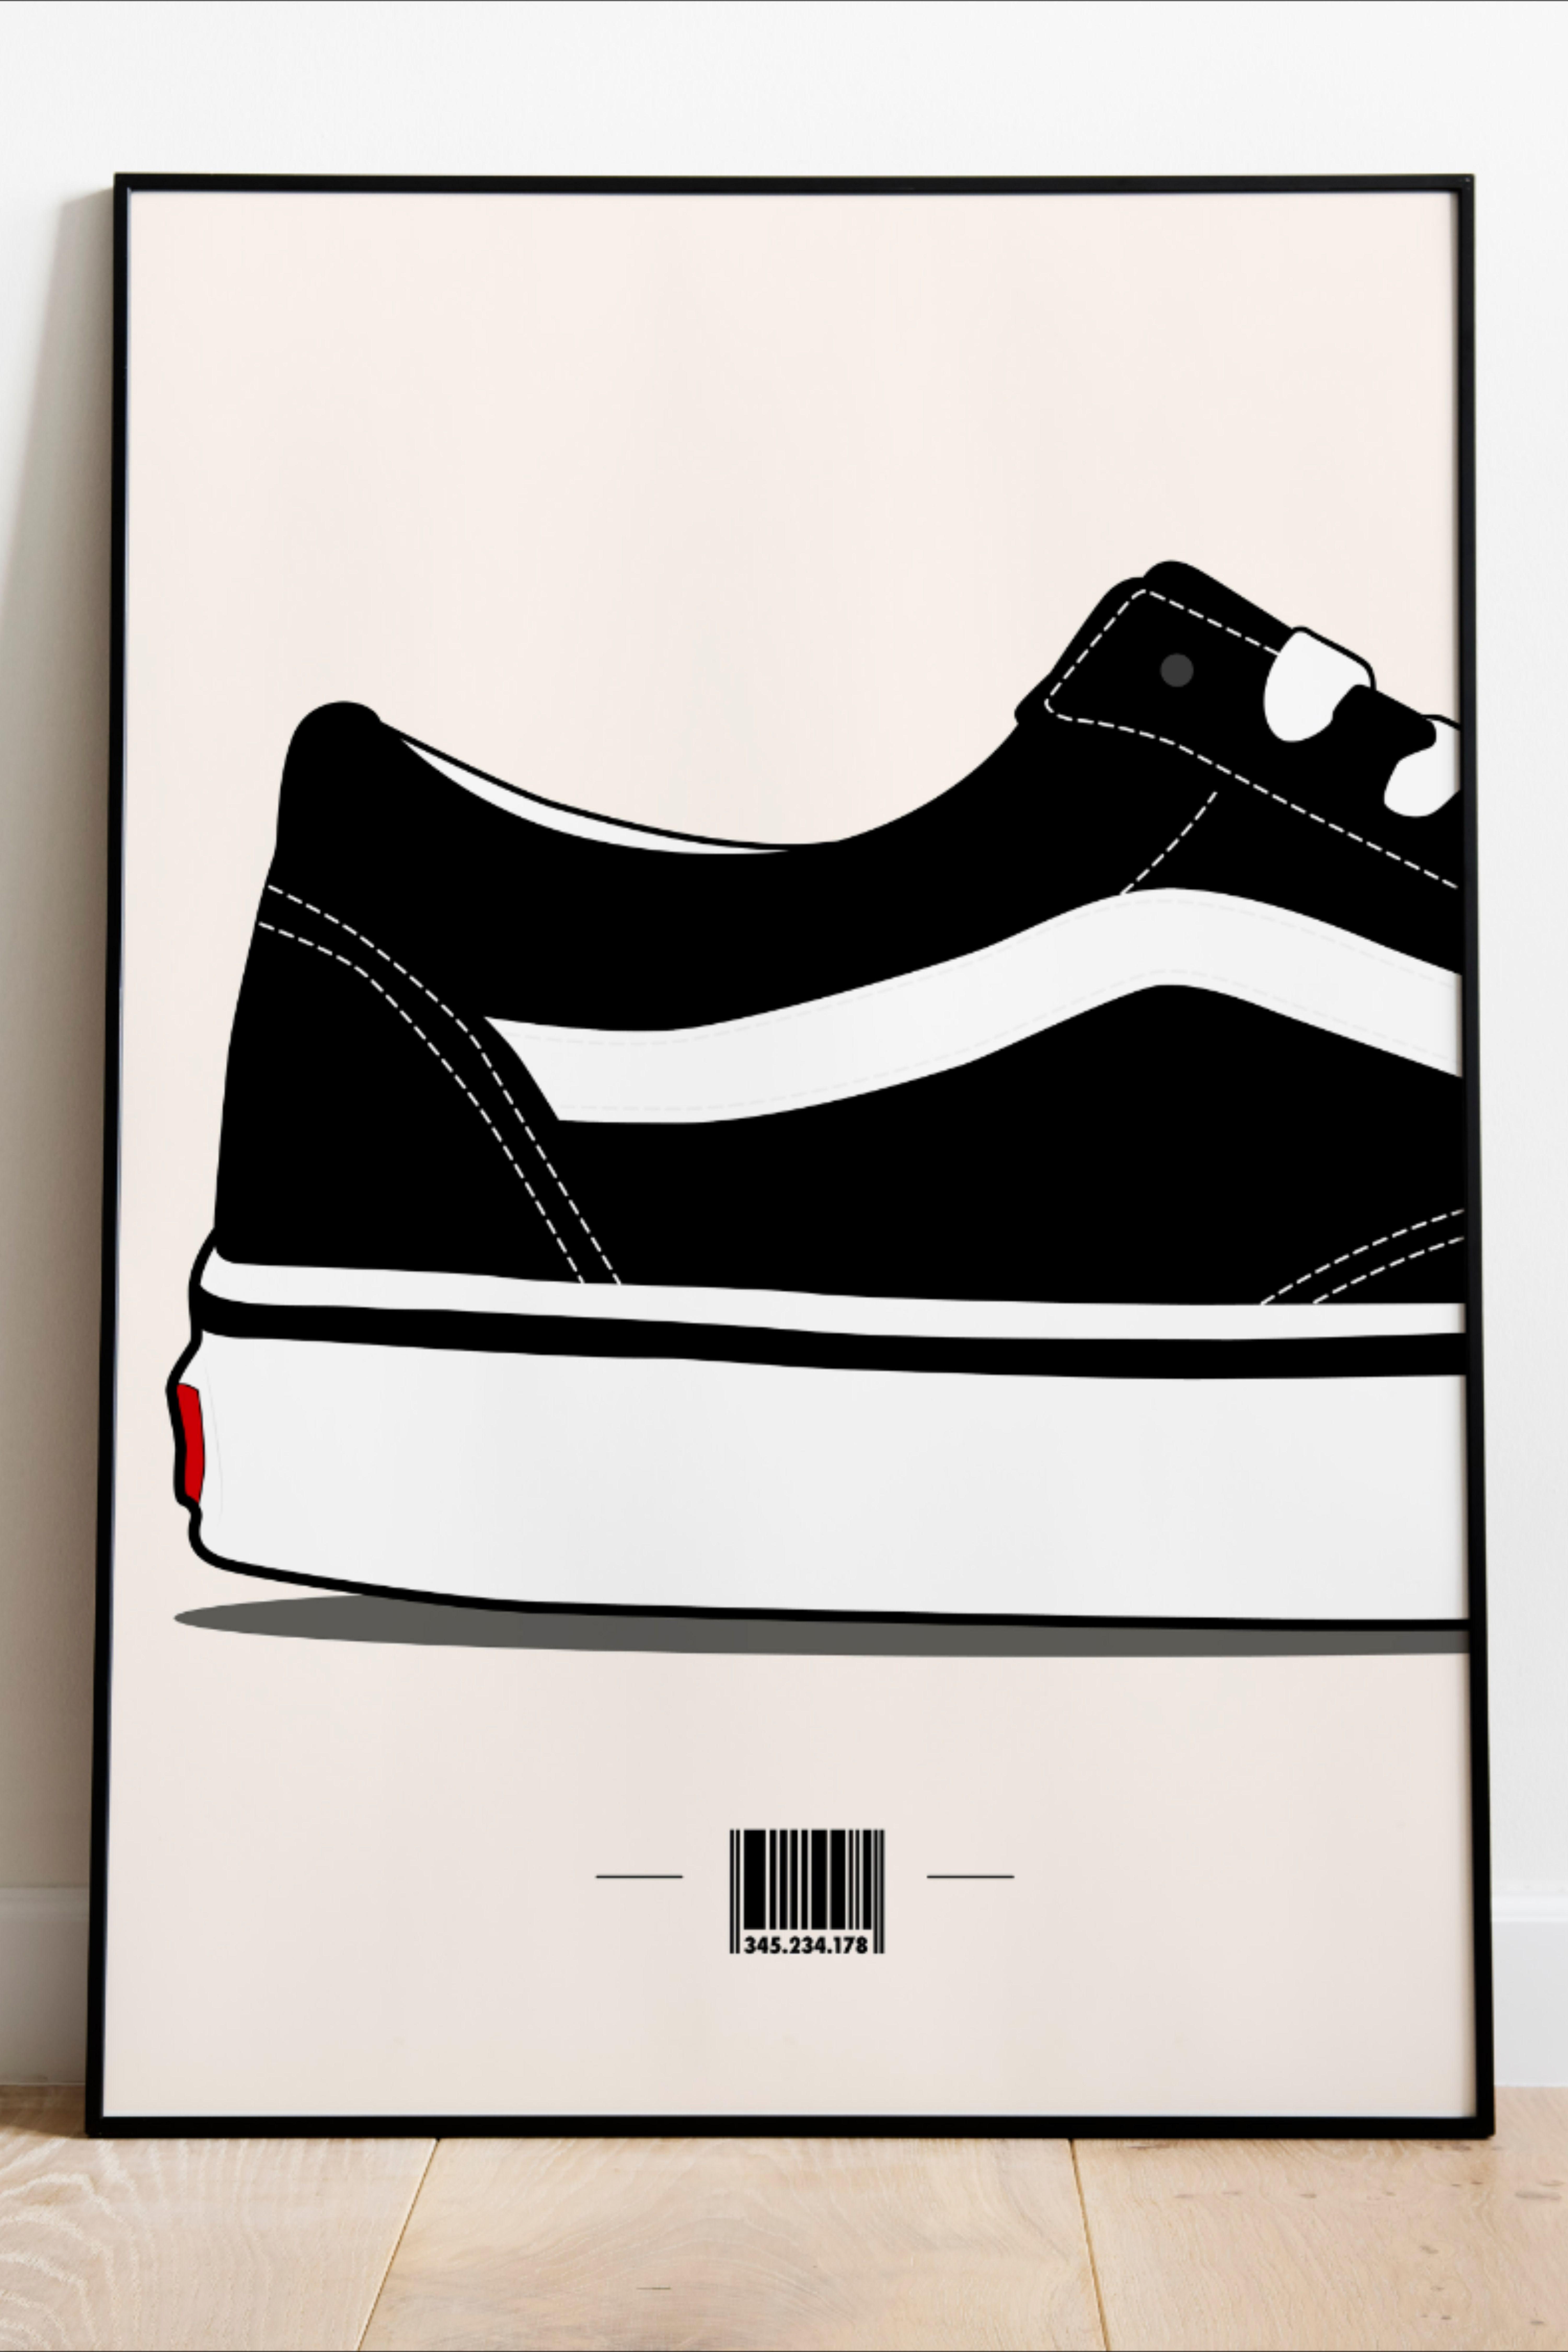 Vans sneakers/poster Vans/Digital print VAns/ Sneakers